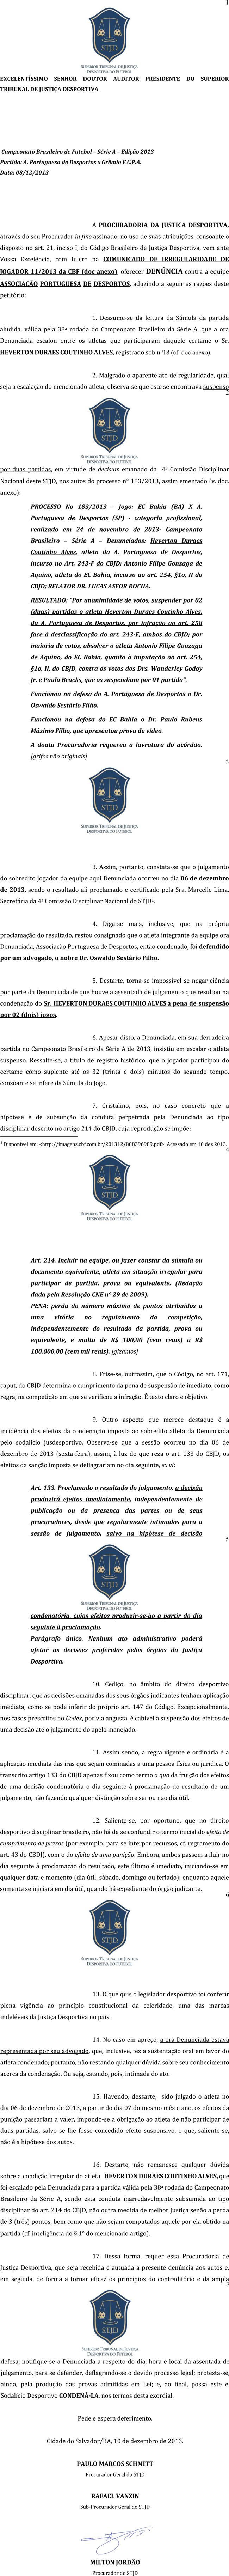 Denúncia da Procuradoria Geral do Superior Tribunal de Justiça Desportiva contra a Portuguesa